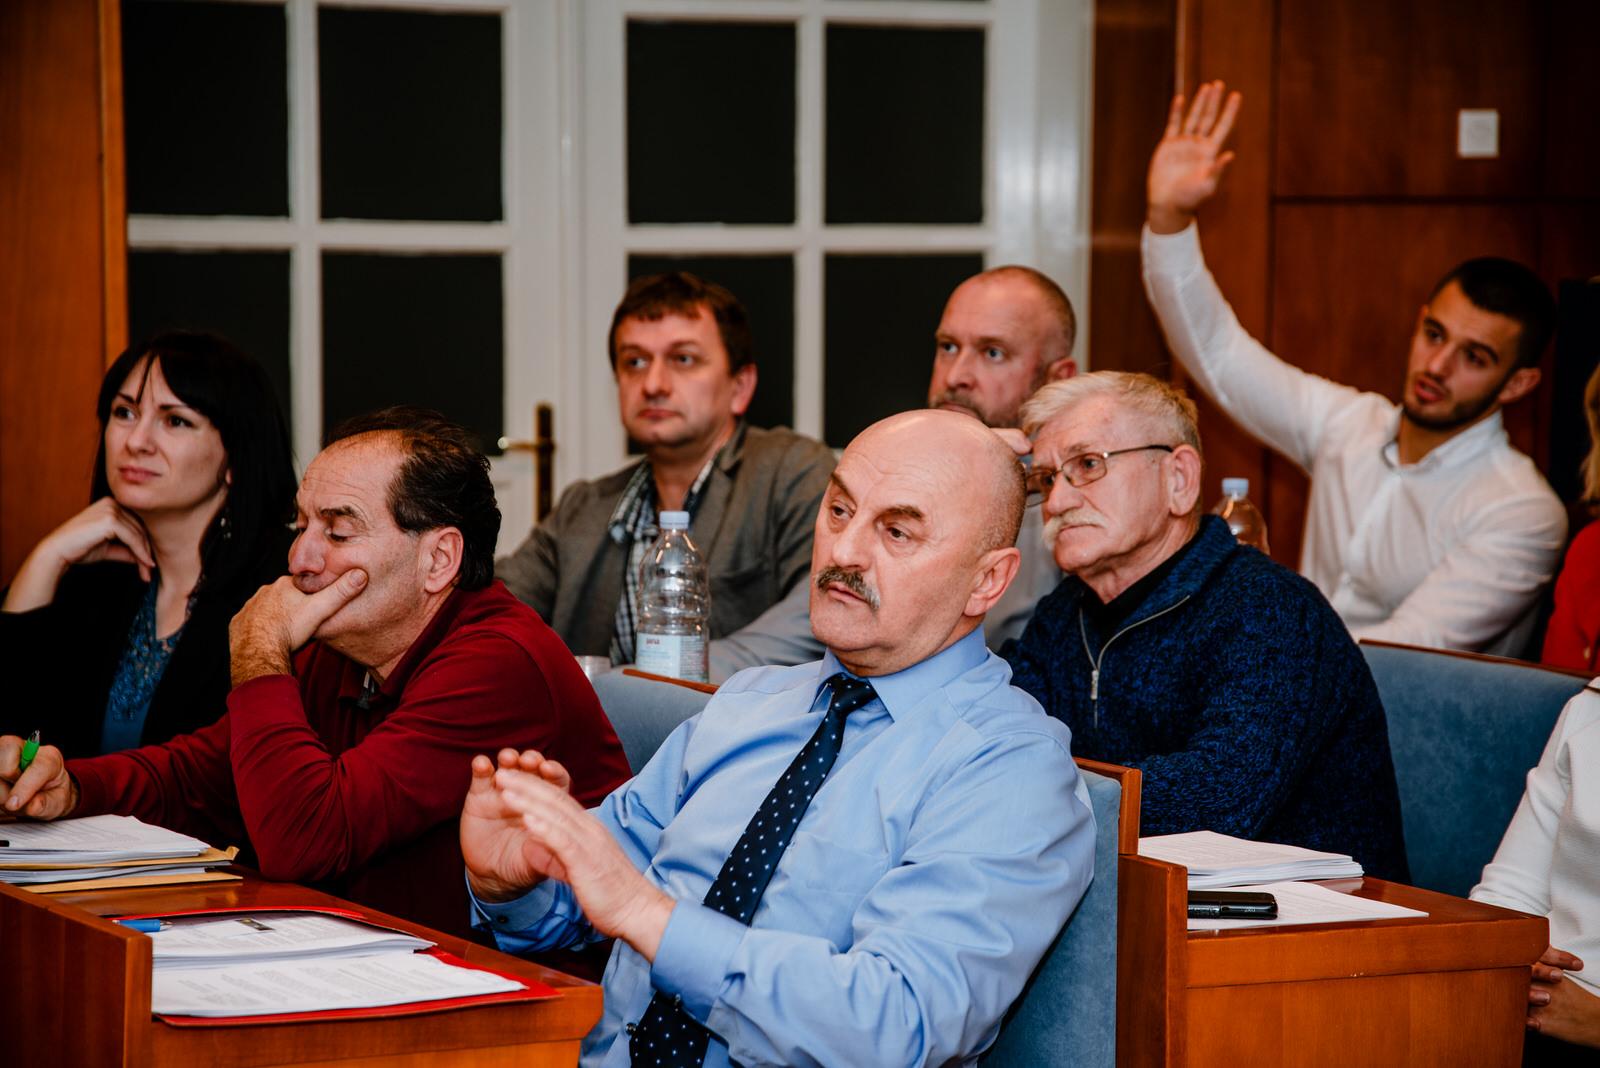 likaclub_27-sjednica-gradskog-vijeća_proračun_2019-14